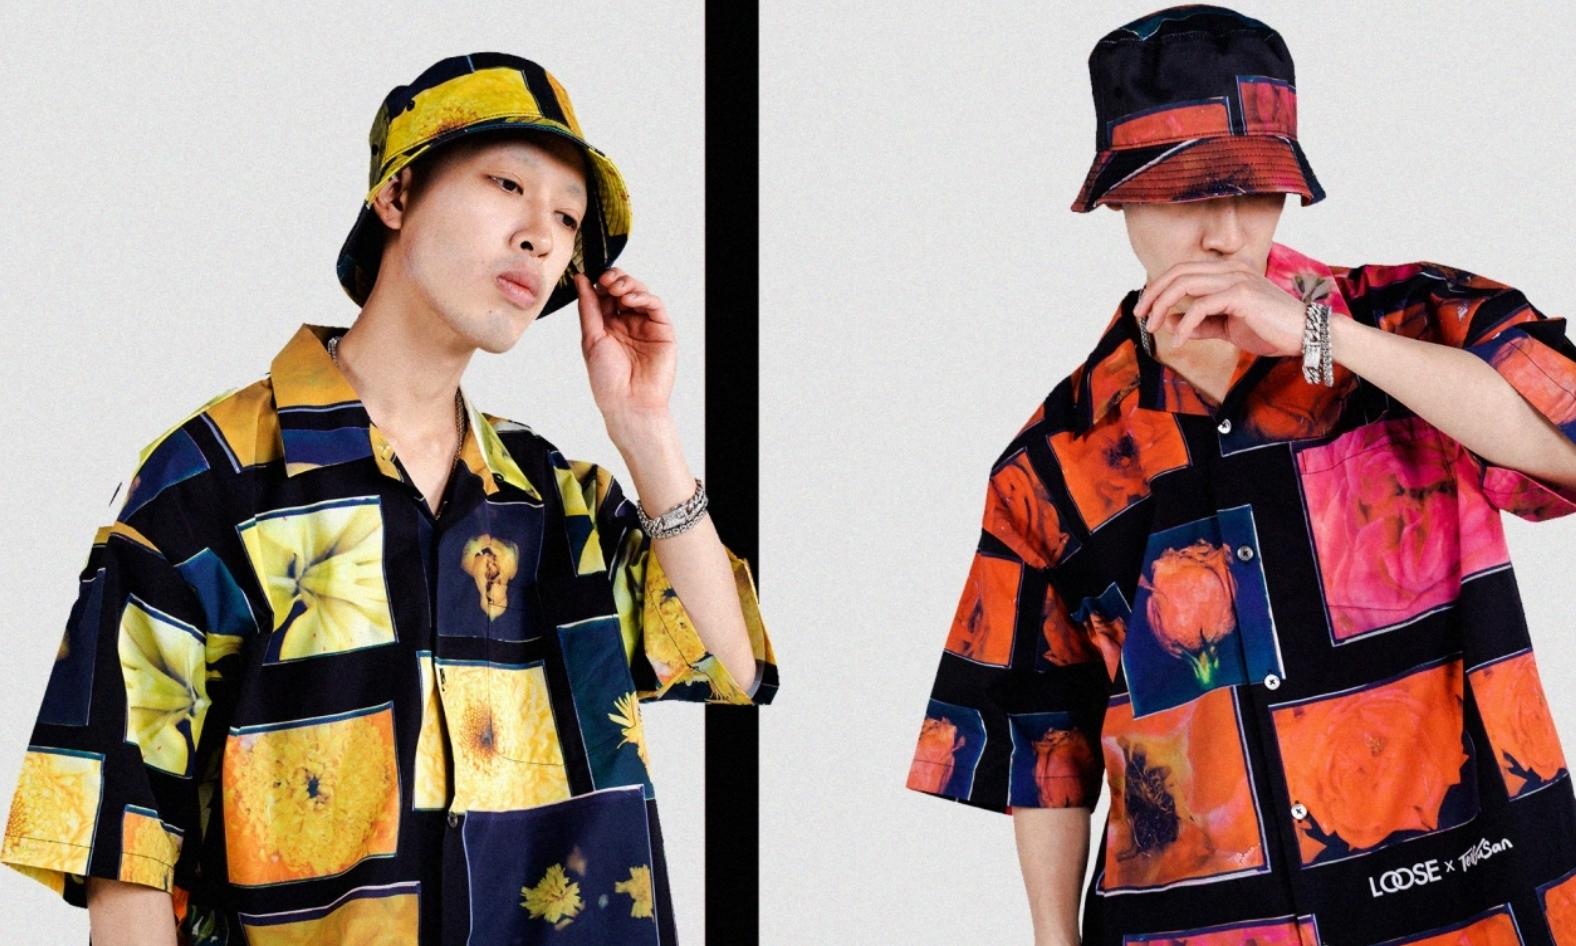 街头品牌 LOOSE 联手摄影师 TenGuSan 发布最新联名系列